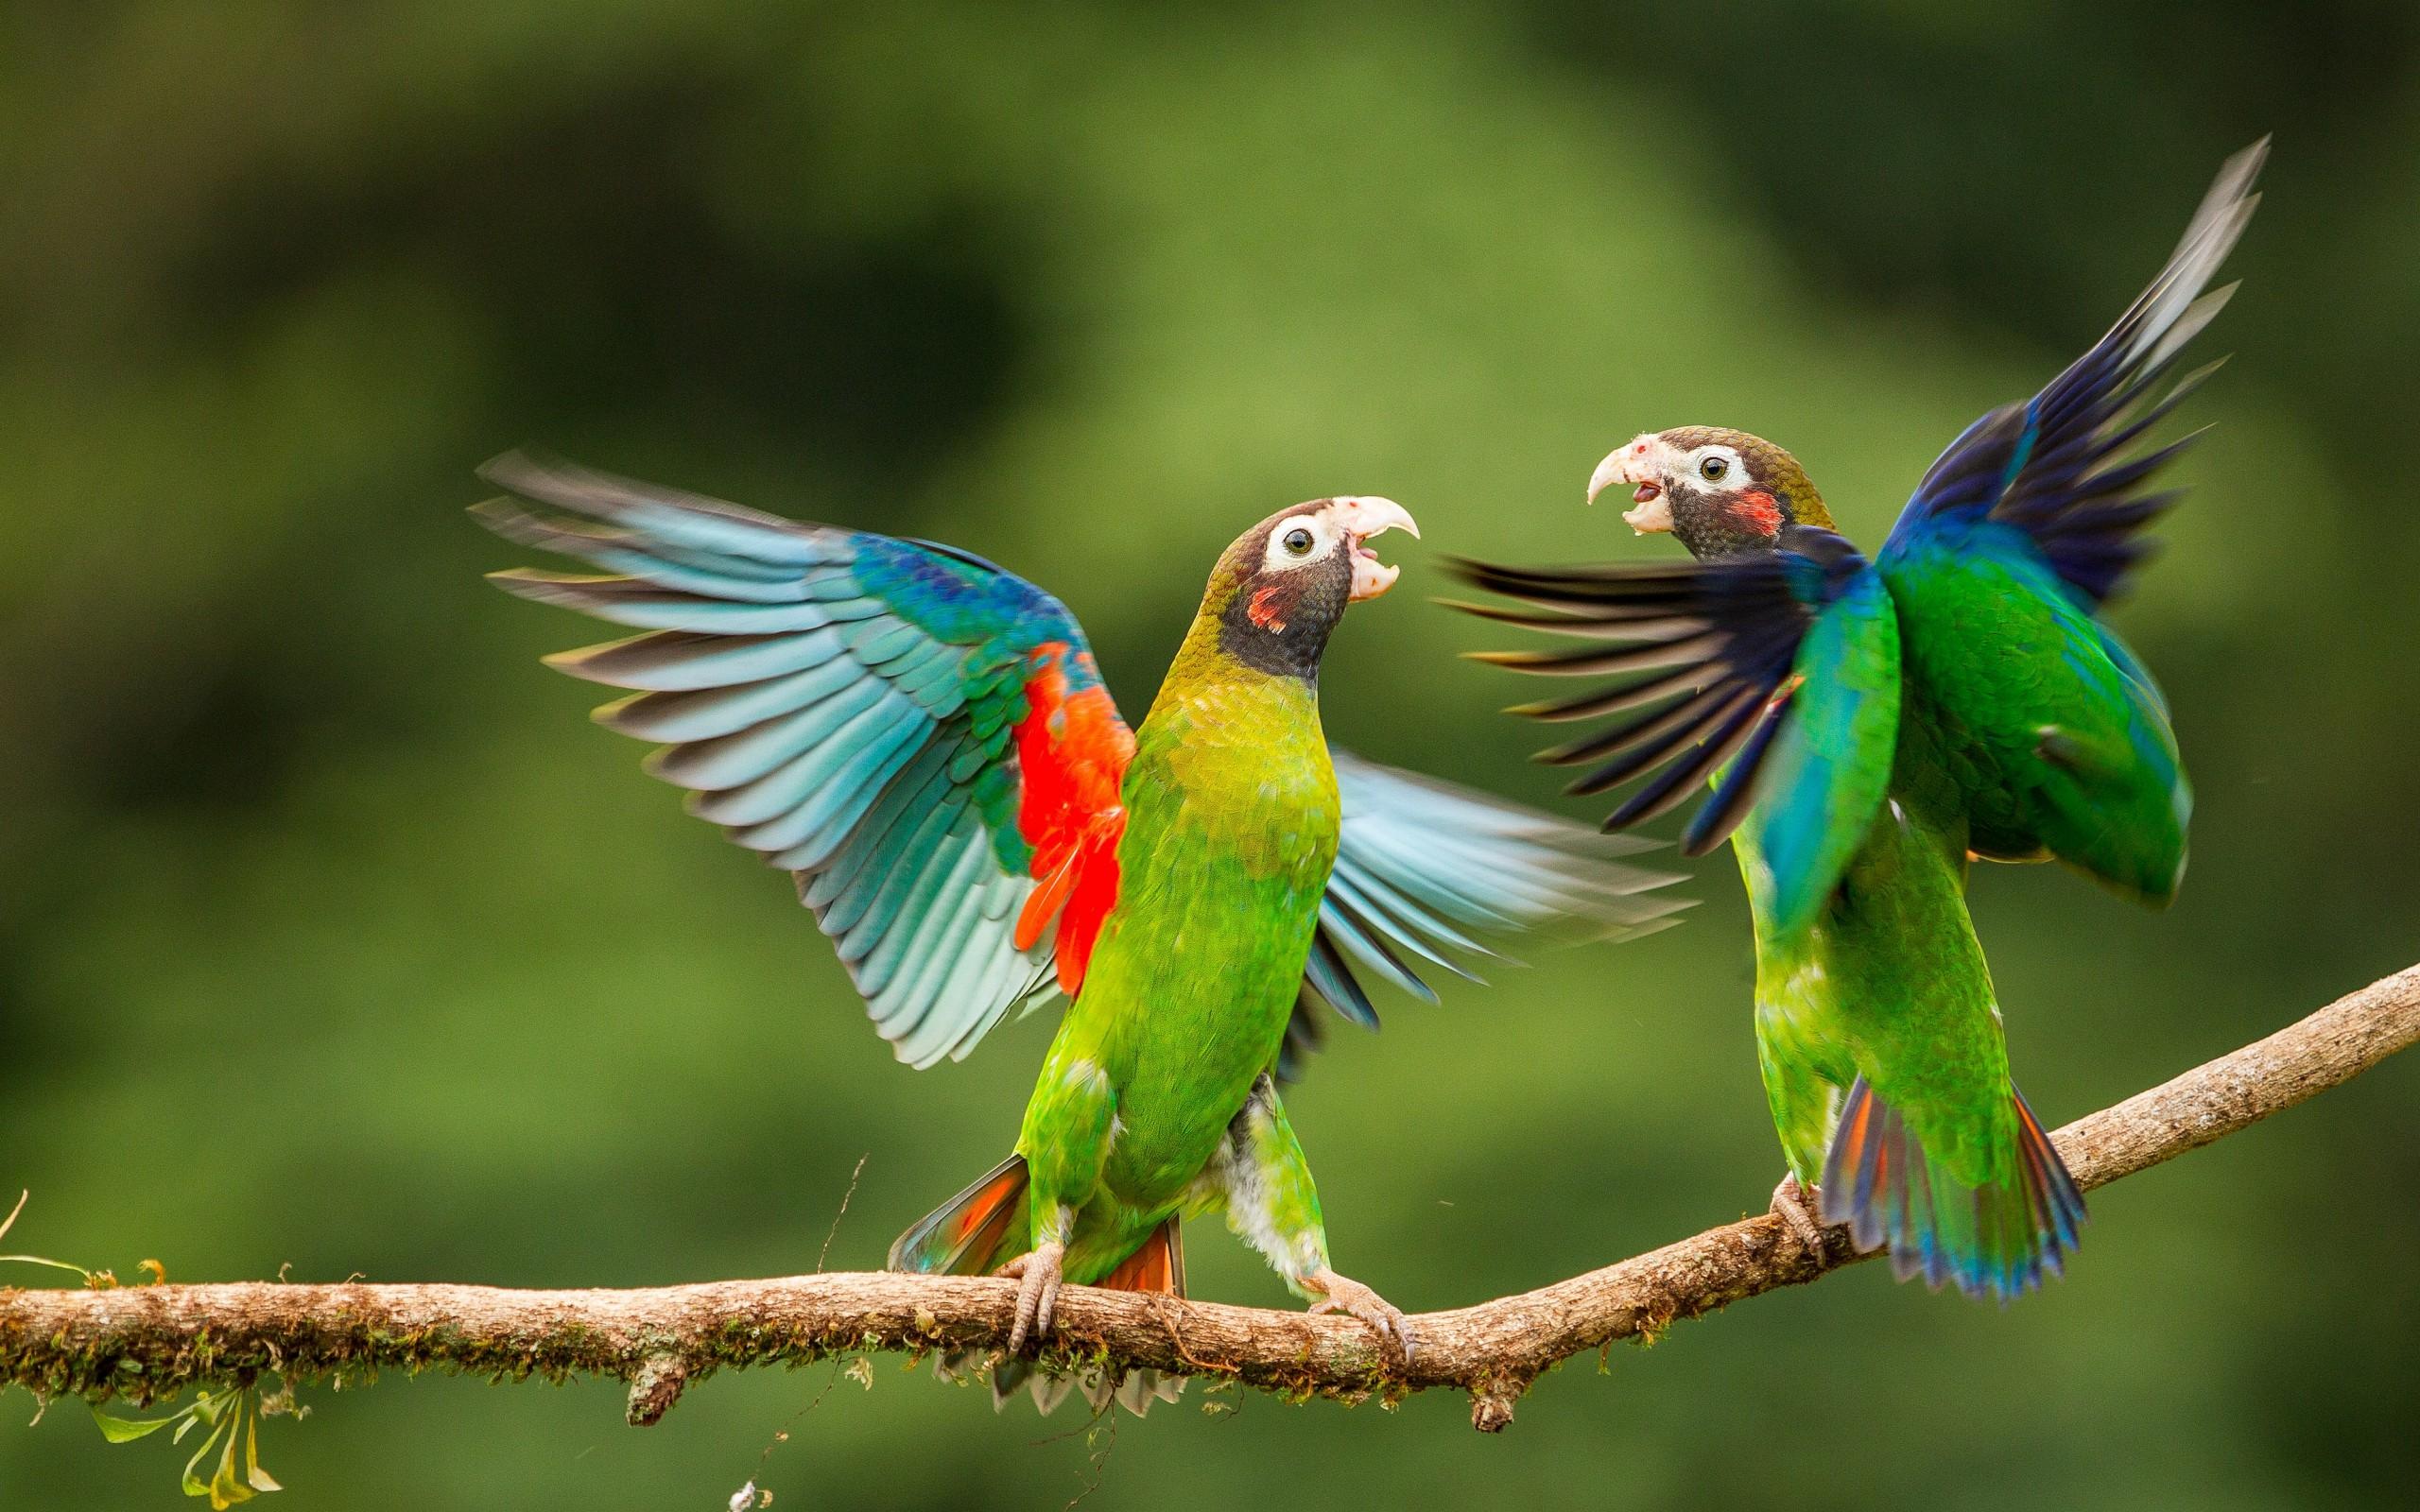 картинки экзотических птиц на рабочий стол беркли прошла